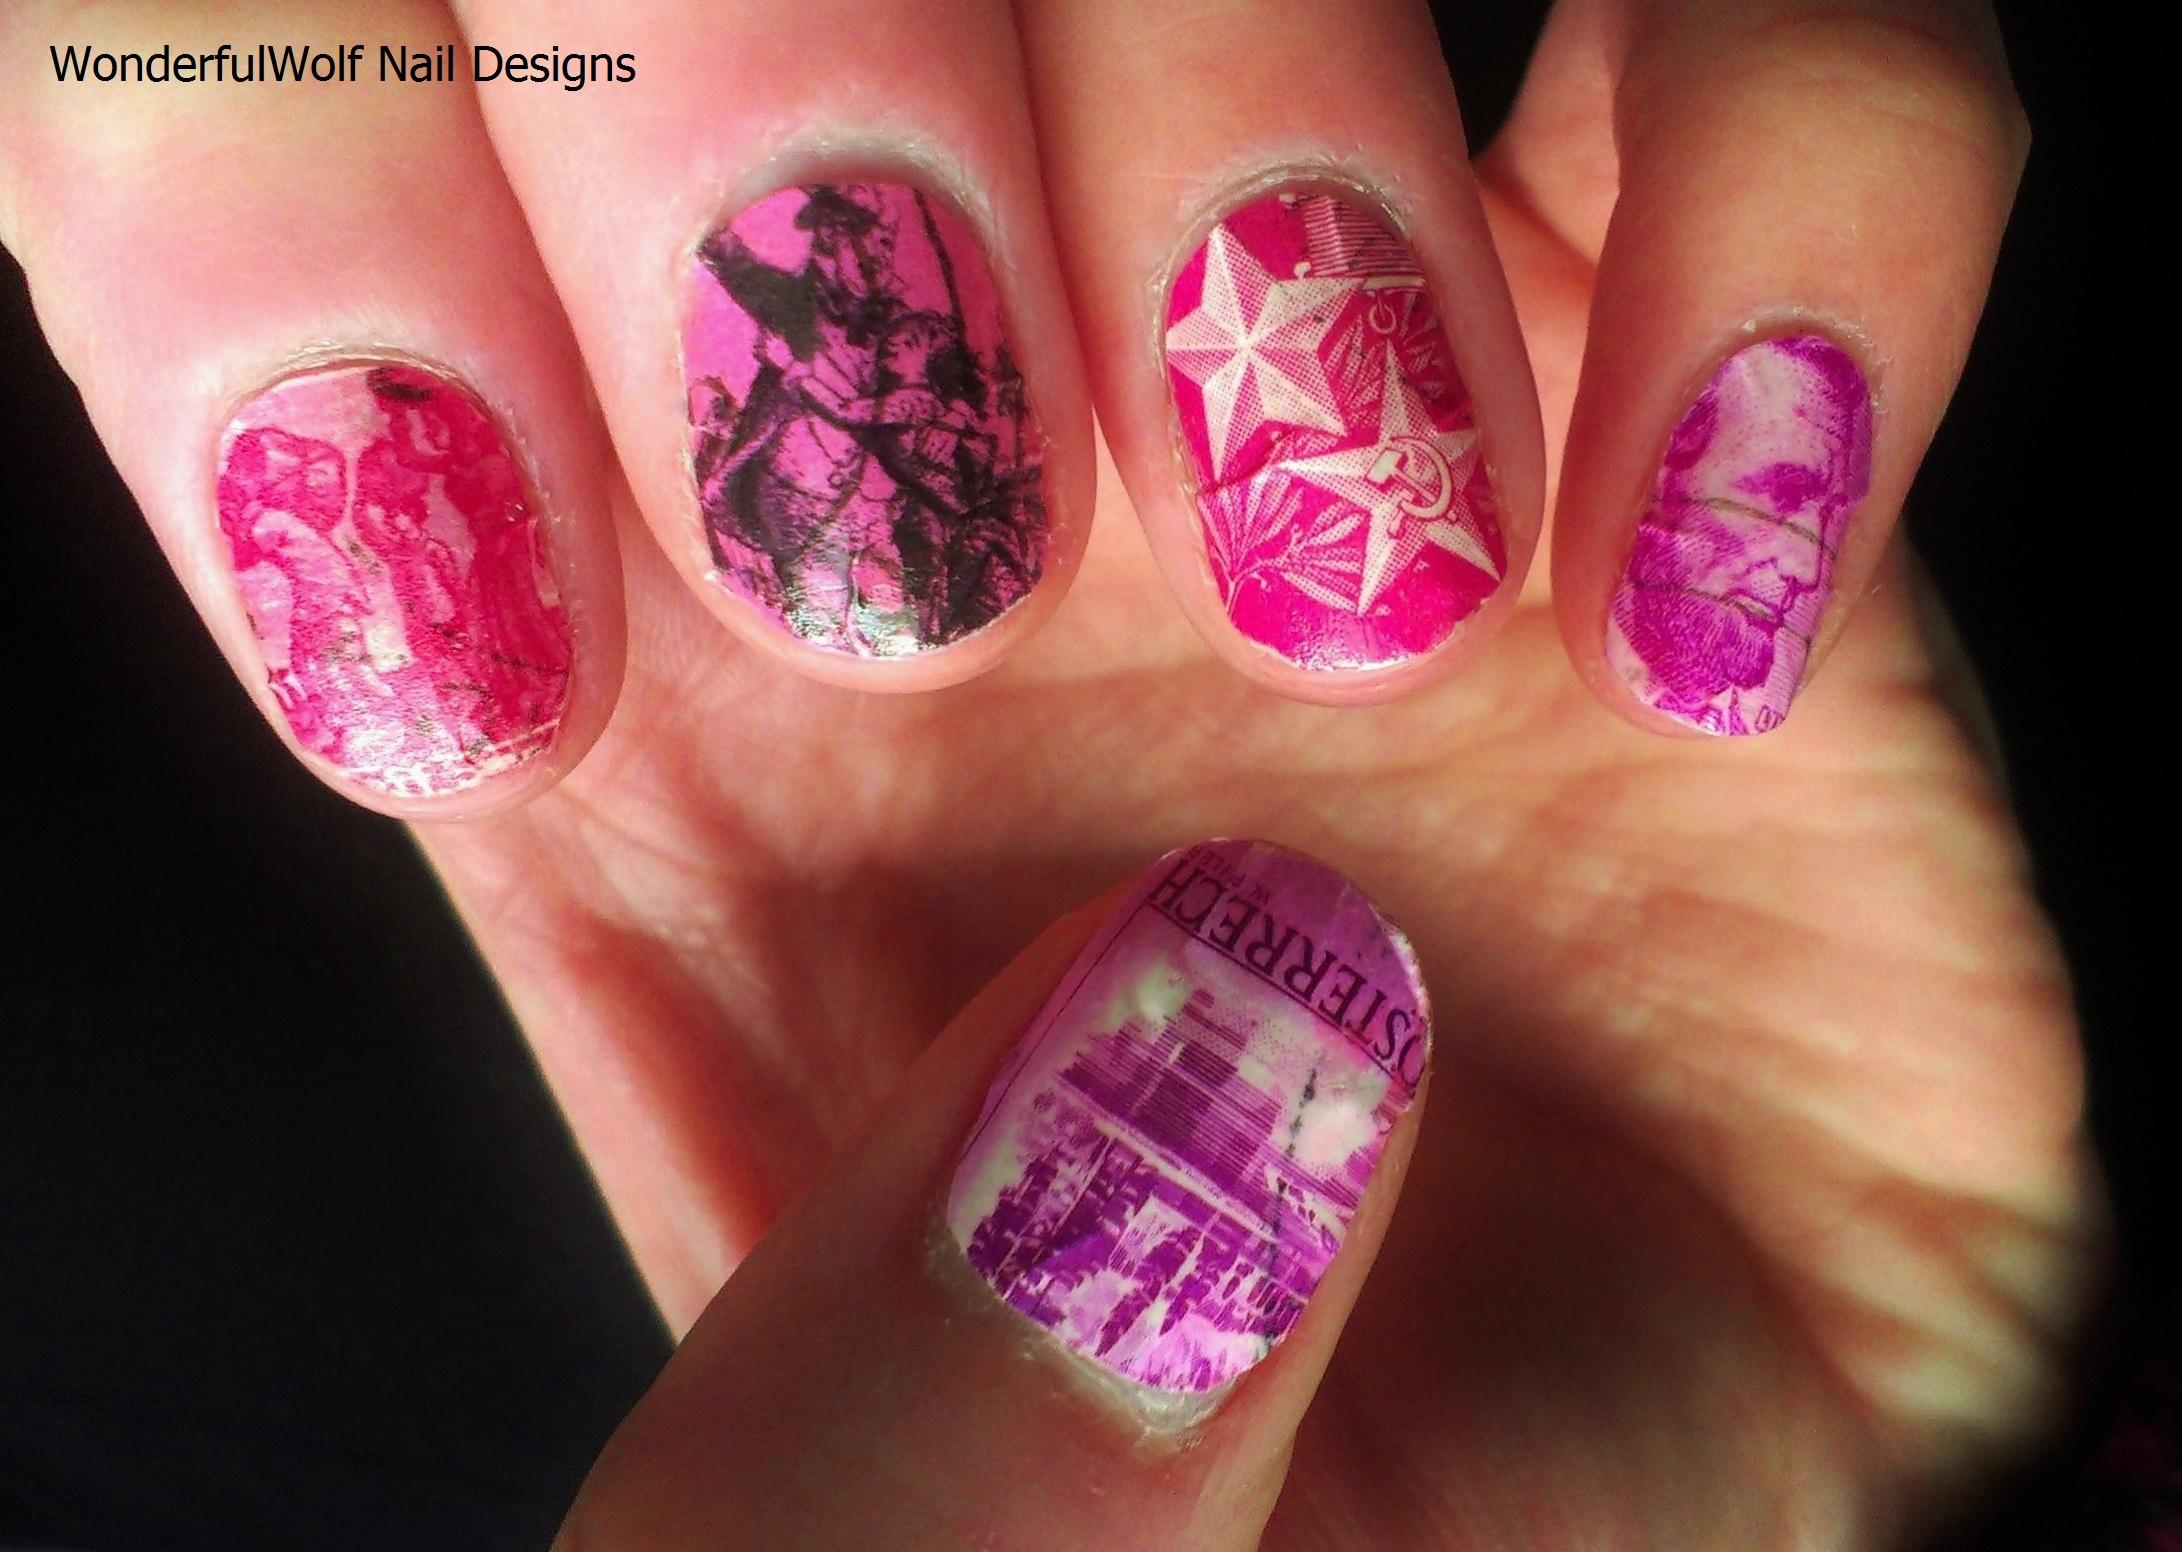 ... in wonderfulwolf nail art tagged mail stamps nails nail art nail